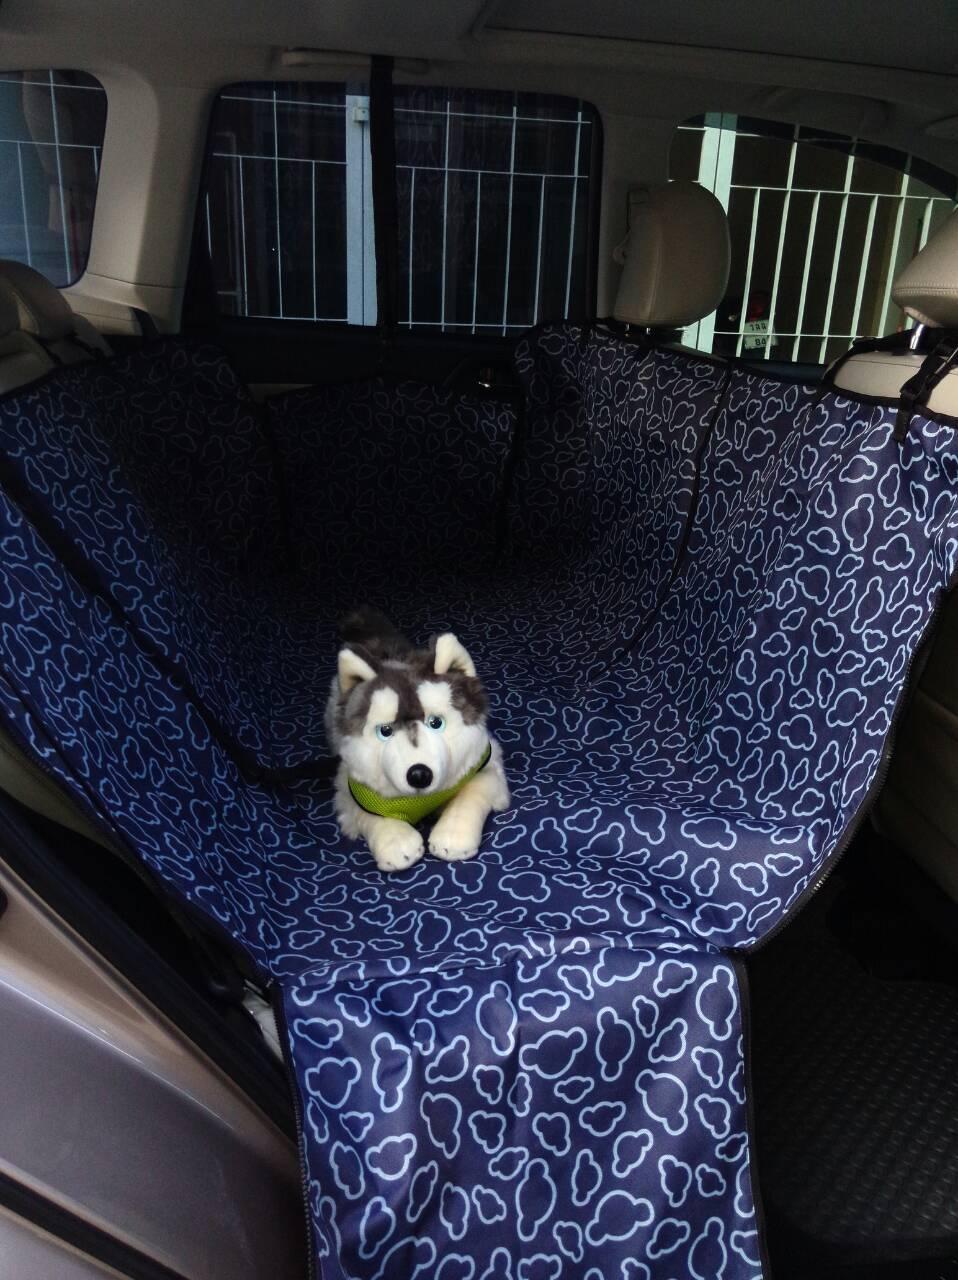 ที่รองเบาะรถยนต์สำหรับสุนัข ด้านหลัง 2 ที่นั่ง 2 in 1 สีกรม ลายเมฆ